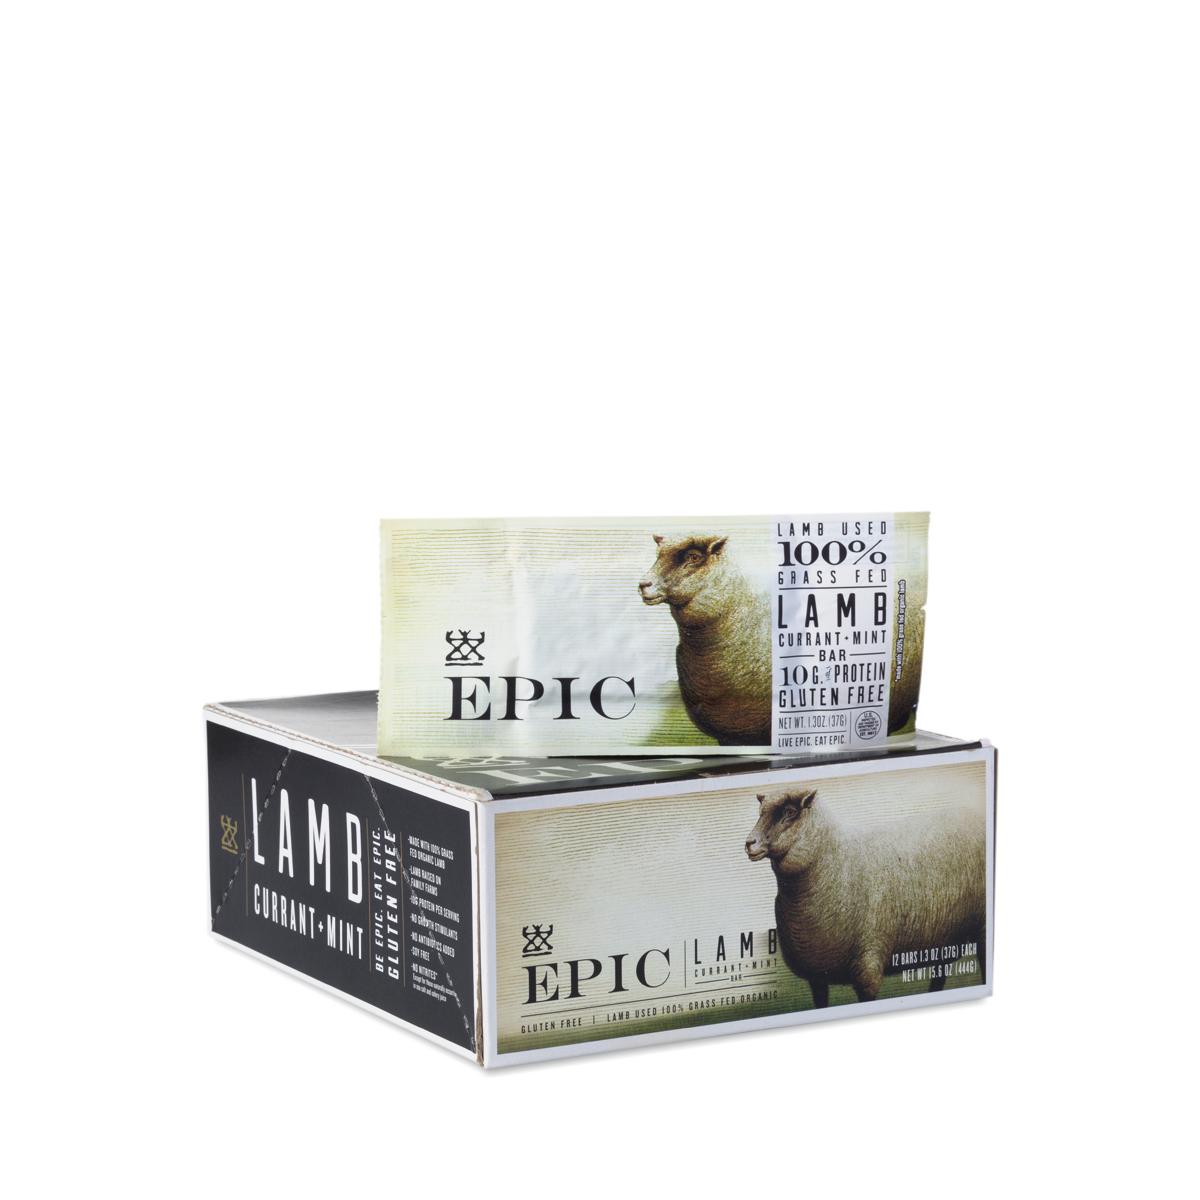 Epic MegaGames Currant Mint Lamb